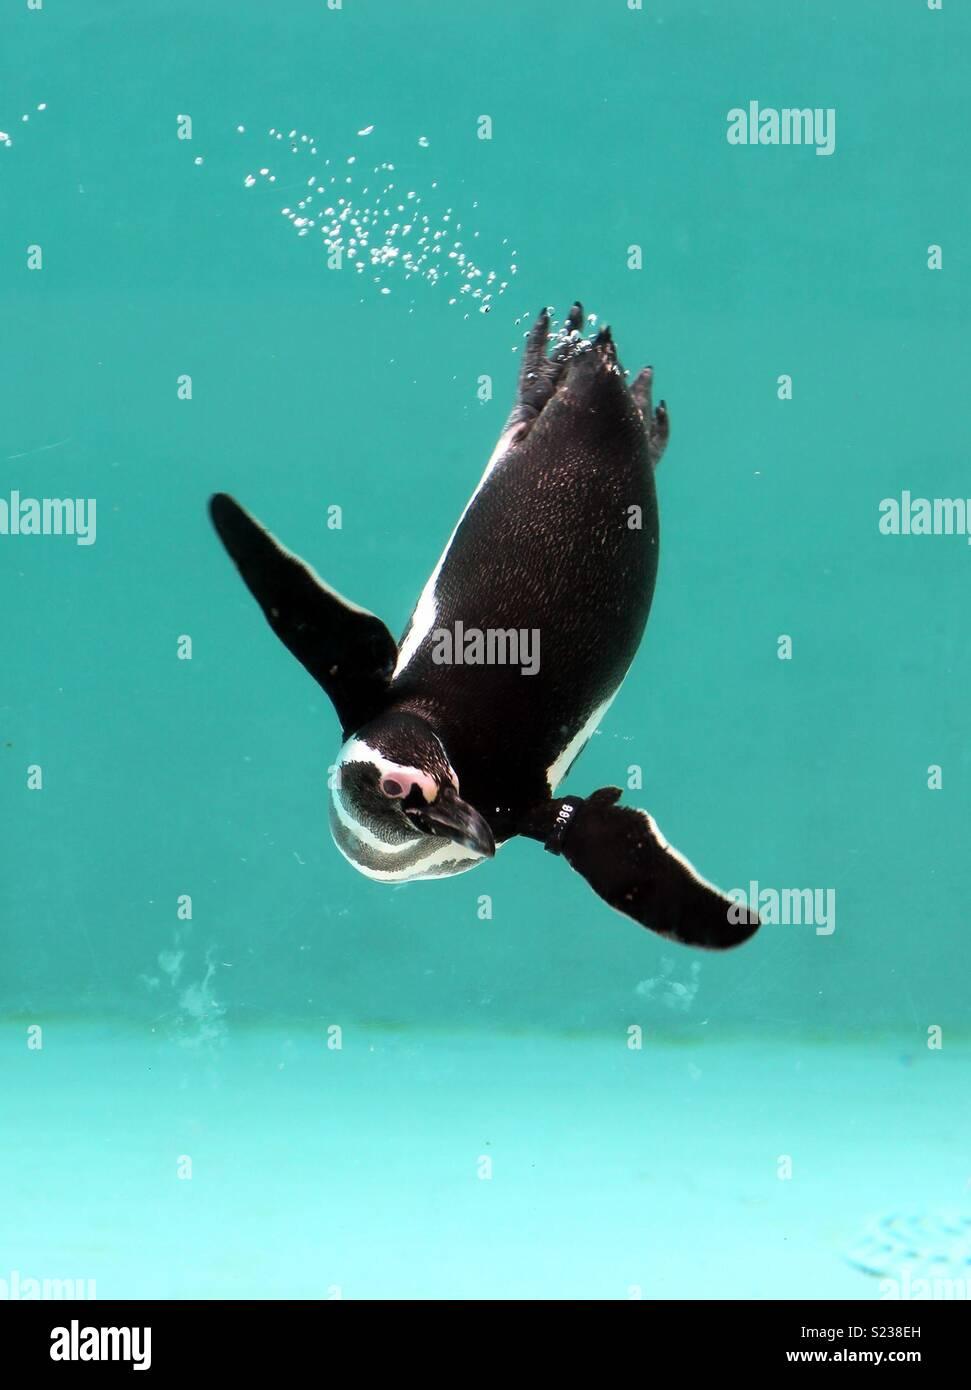 Desfrutar de um mergulho... Imagens de Stock